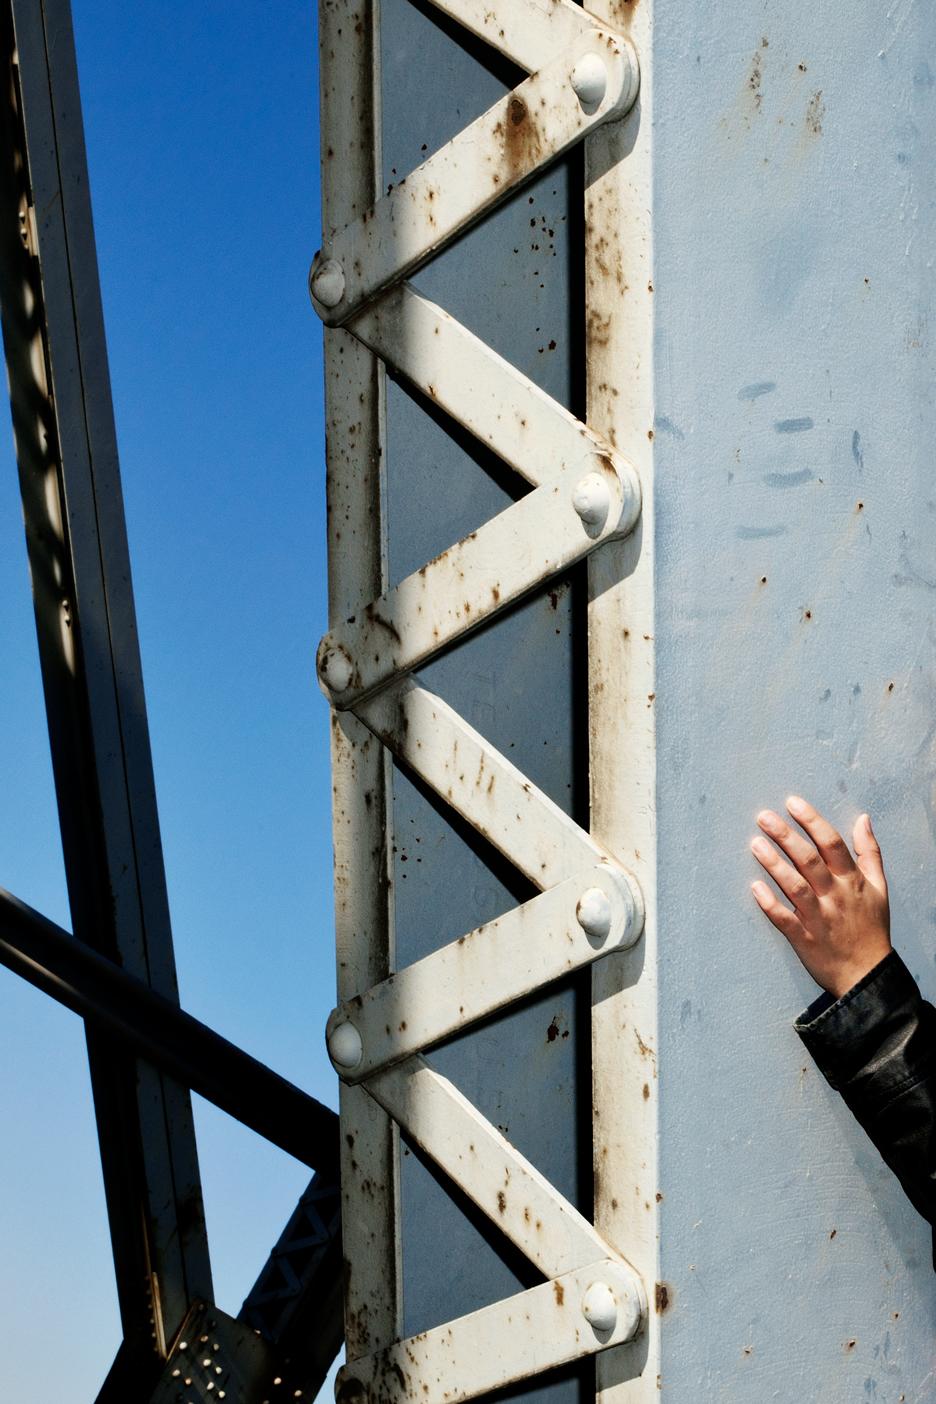 hand-on-bridge-by-ransom-ashley-.jpg